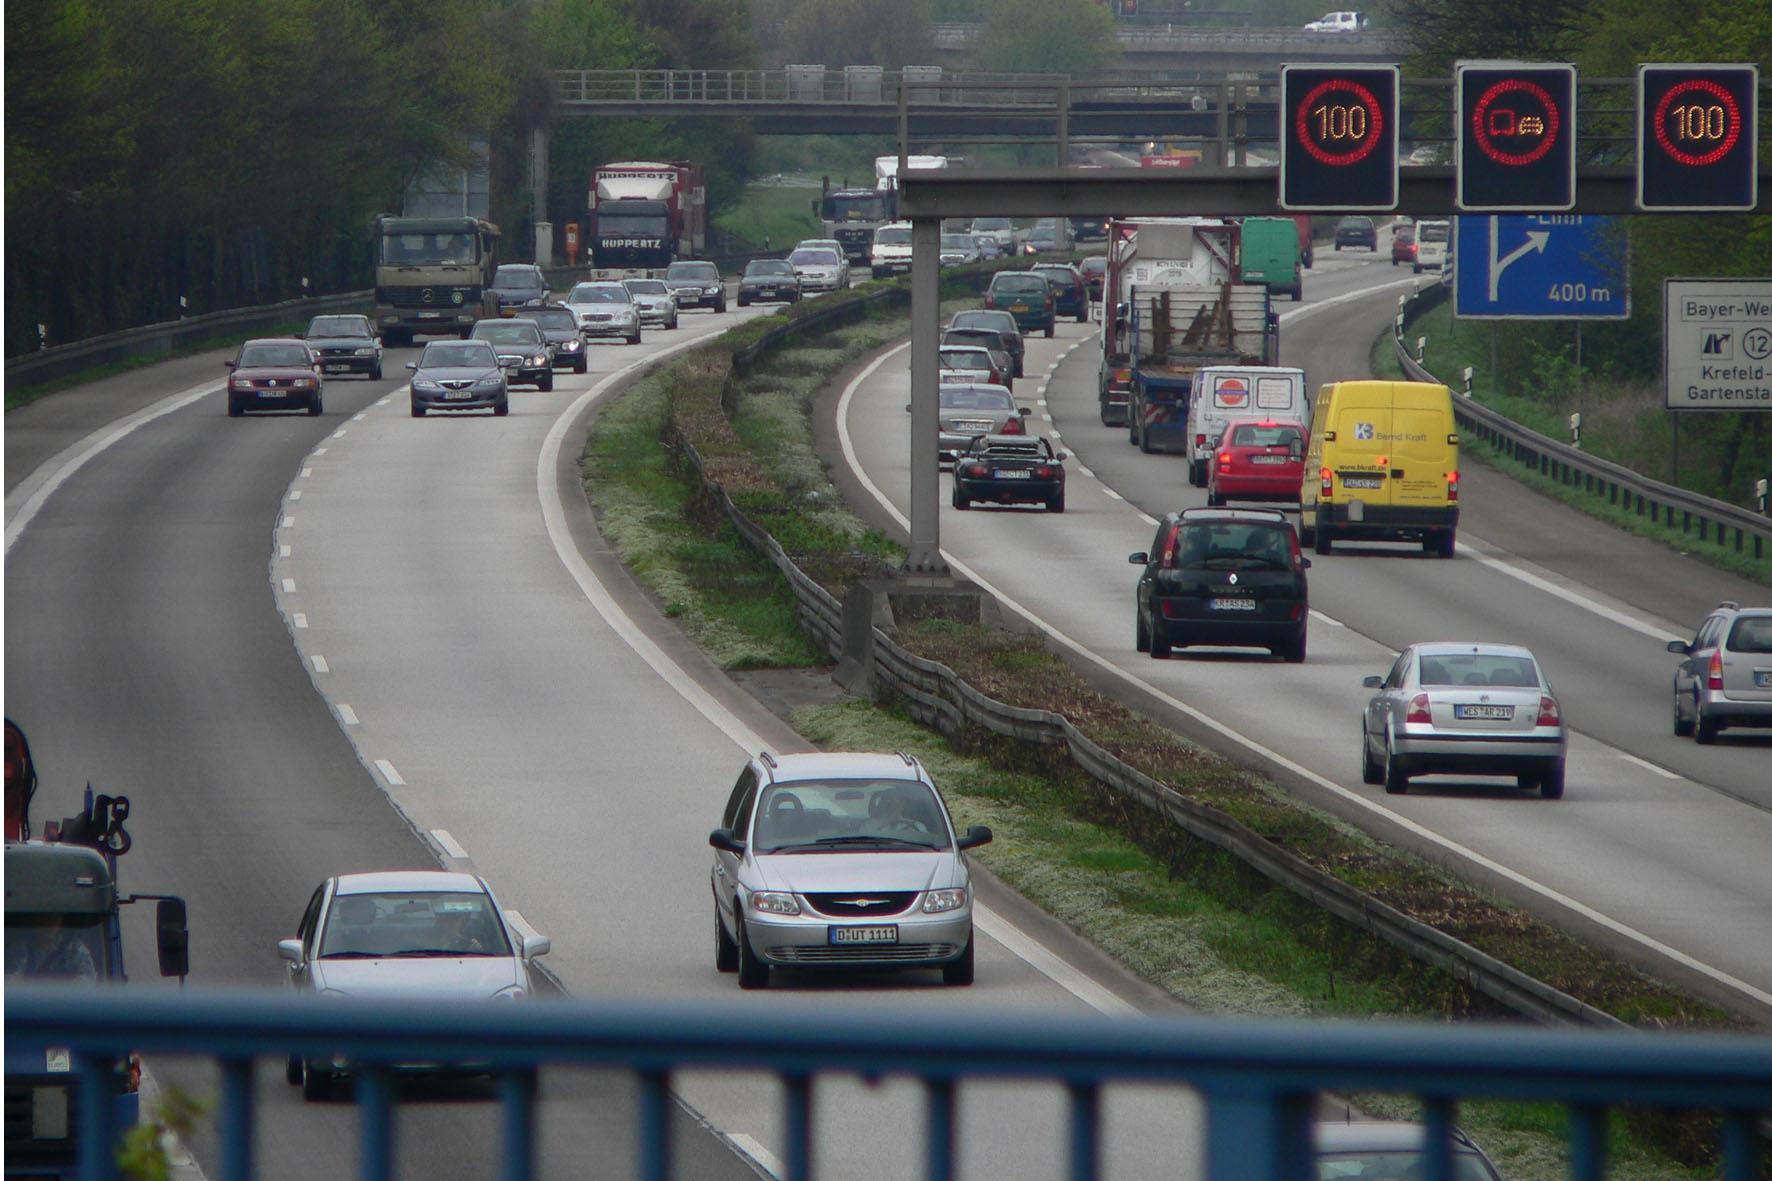 Wer auf Autobahnen eine Reifenpanne erleidet, sollte einige Sicherheitstipps beachten.